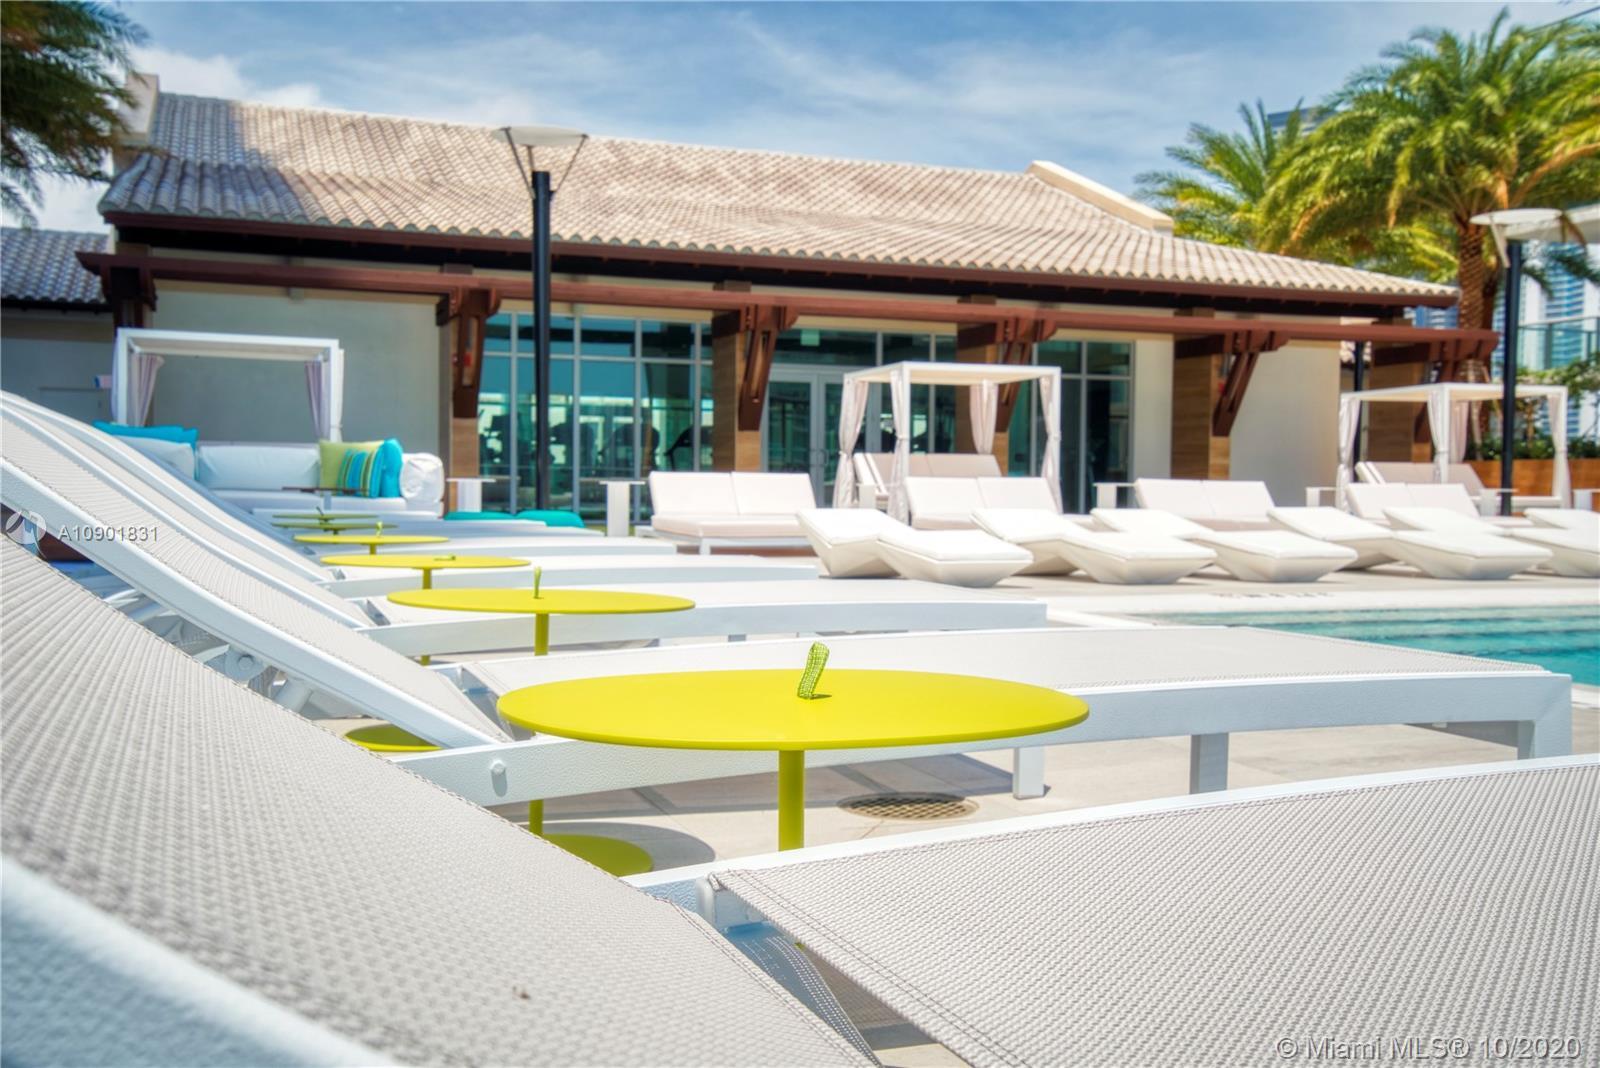 330 Sunny isles blvd-5-1608 sunny-isles-beach-fl-33160-a10901831-Pic32